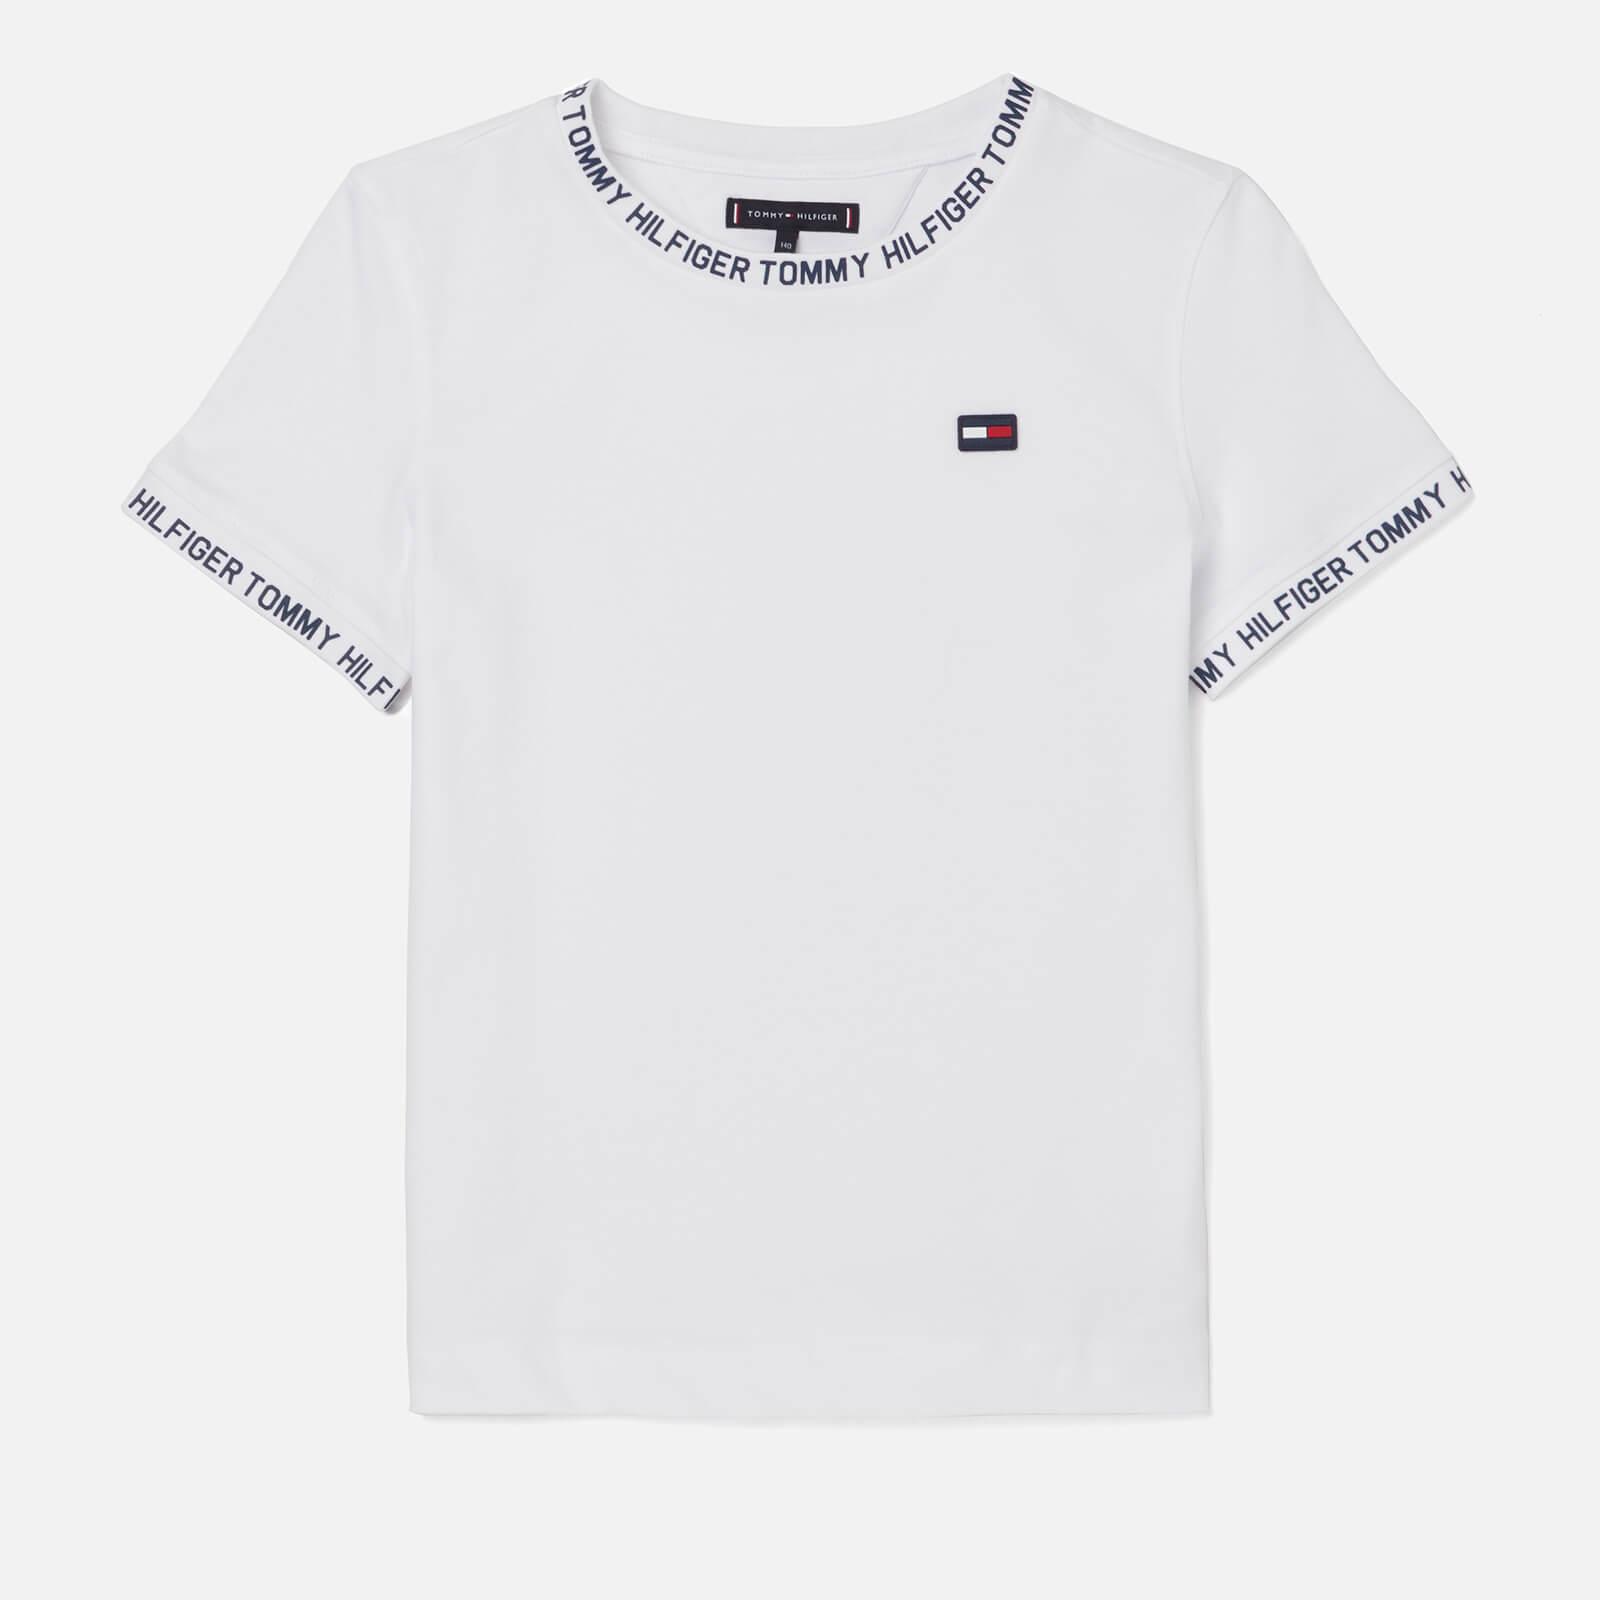 67bf26f9 Tommy Hilfiger Boys' Printed Rib T-Shirt - Bright White Clothing    TheHut.com